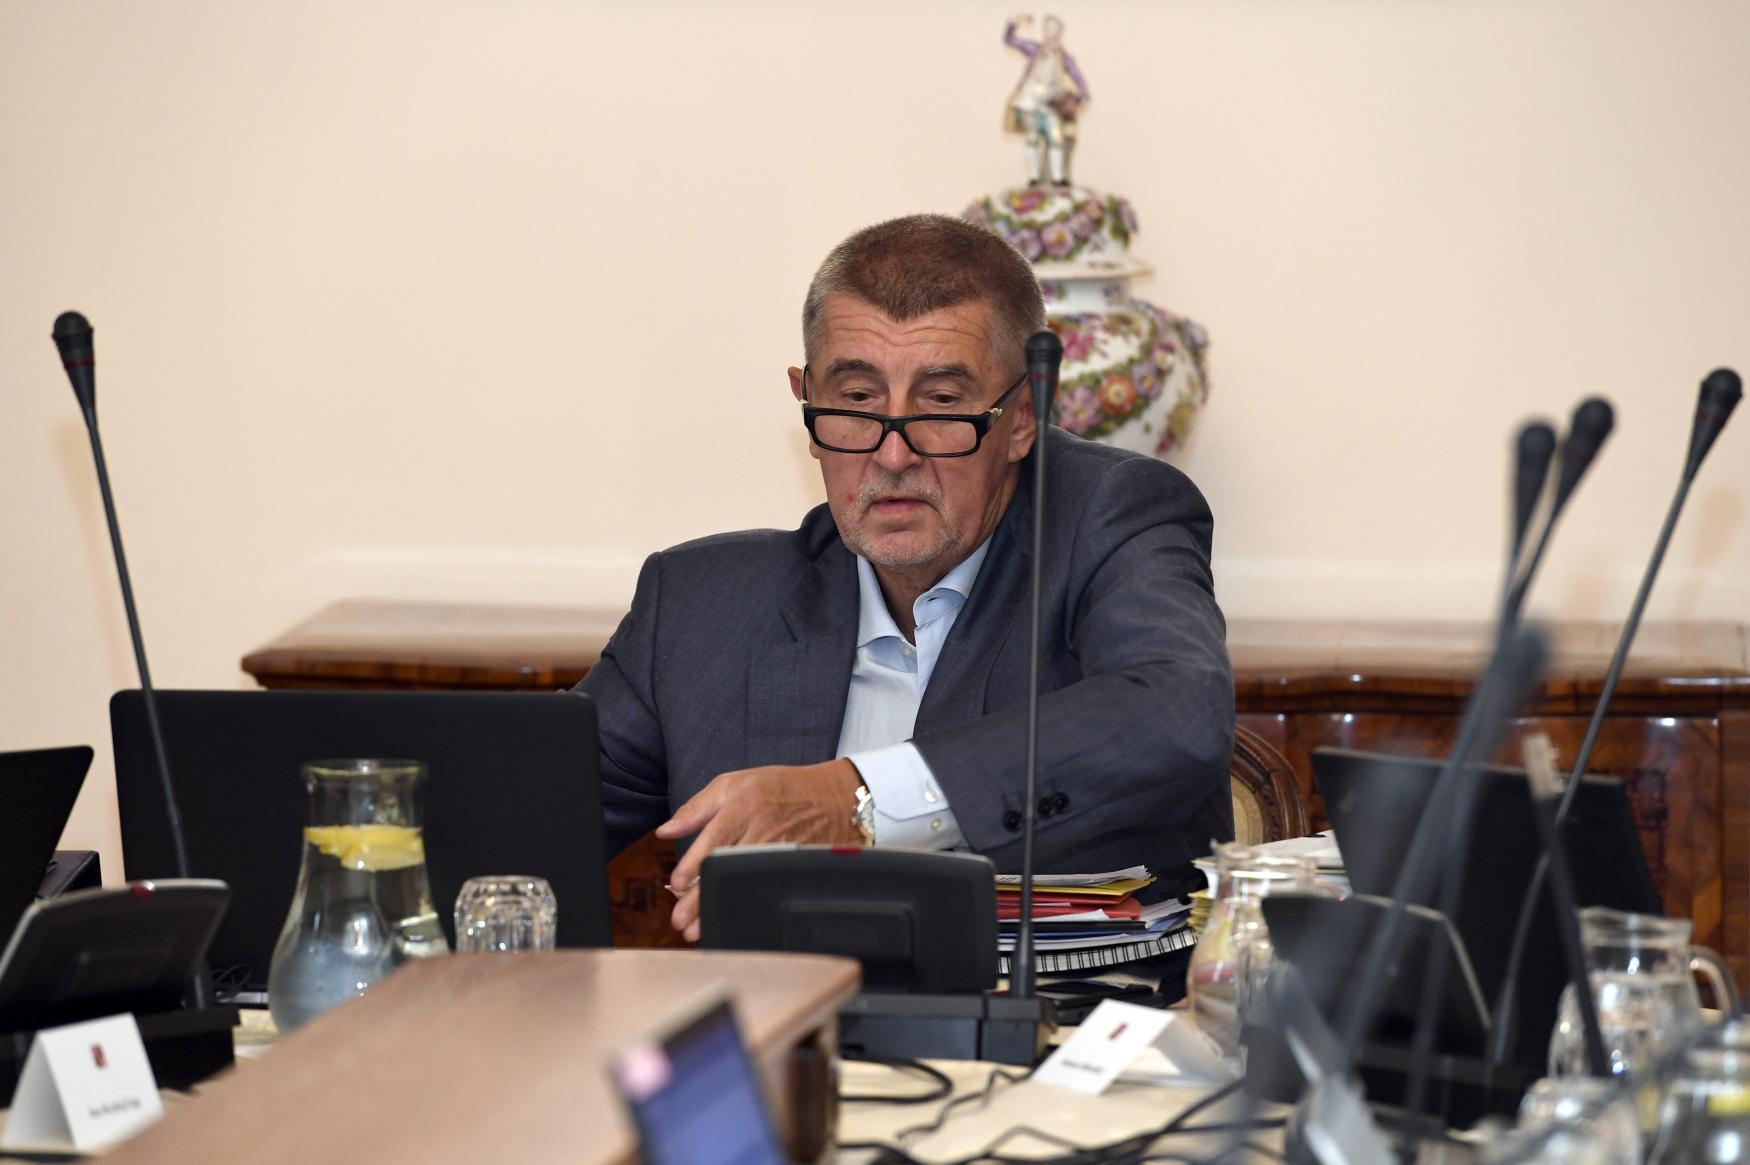 Předseda vlády Andrej Babiš z hnutí ANO.